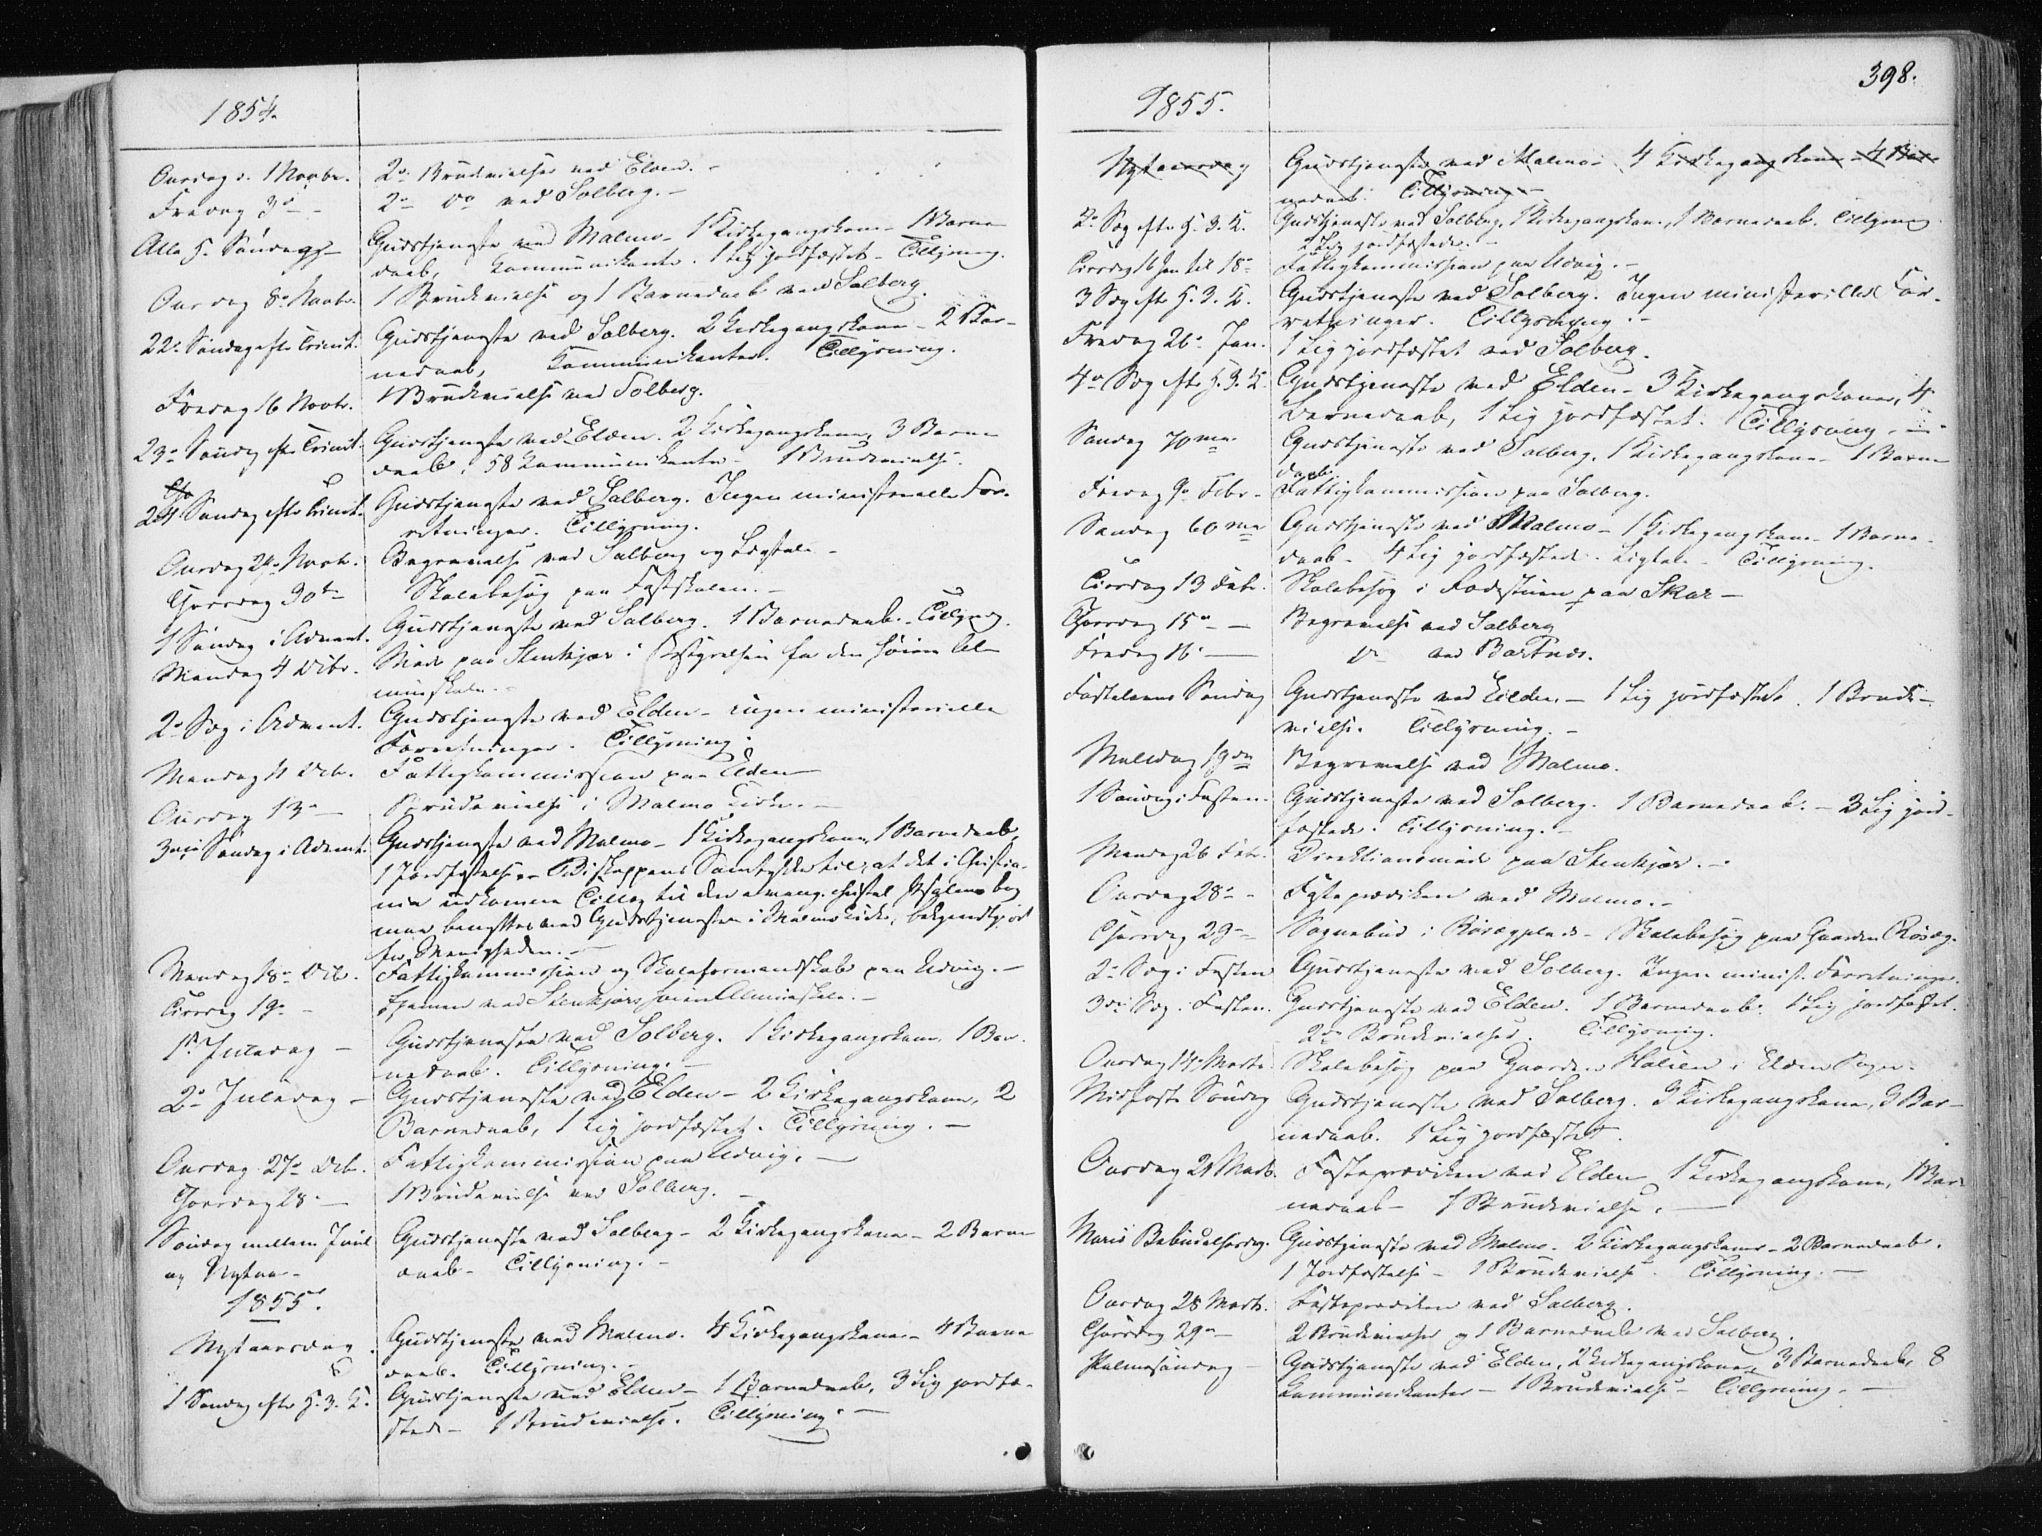 SAT, Ministerialprotokoller, klokkerbøker og fødselsregistre - Nord-Trøndelag, 741/L0393: Ministerialbok nr. 741A07, 1849-1863, s. 398